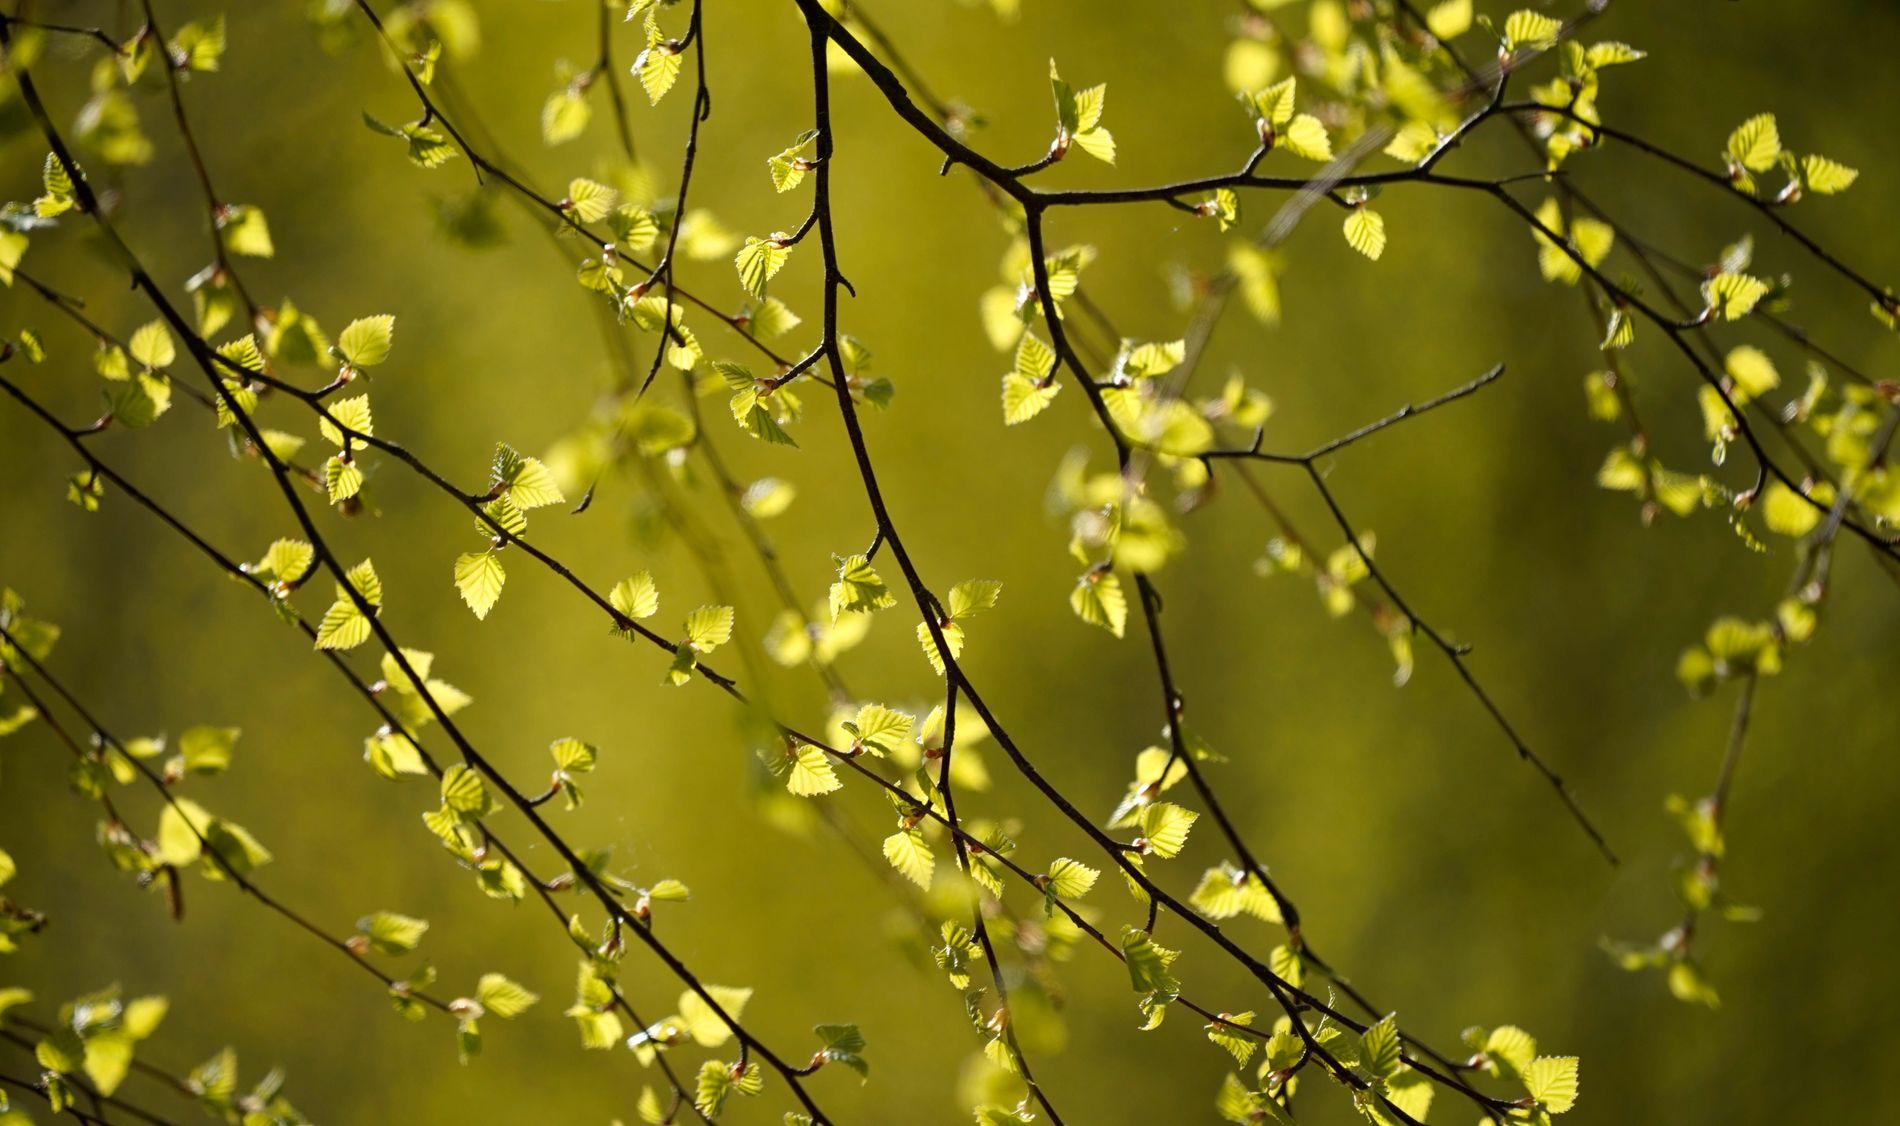 Kan bli värsta pollensäsongen på 45 år